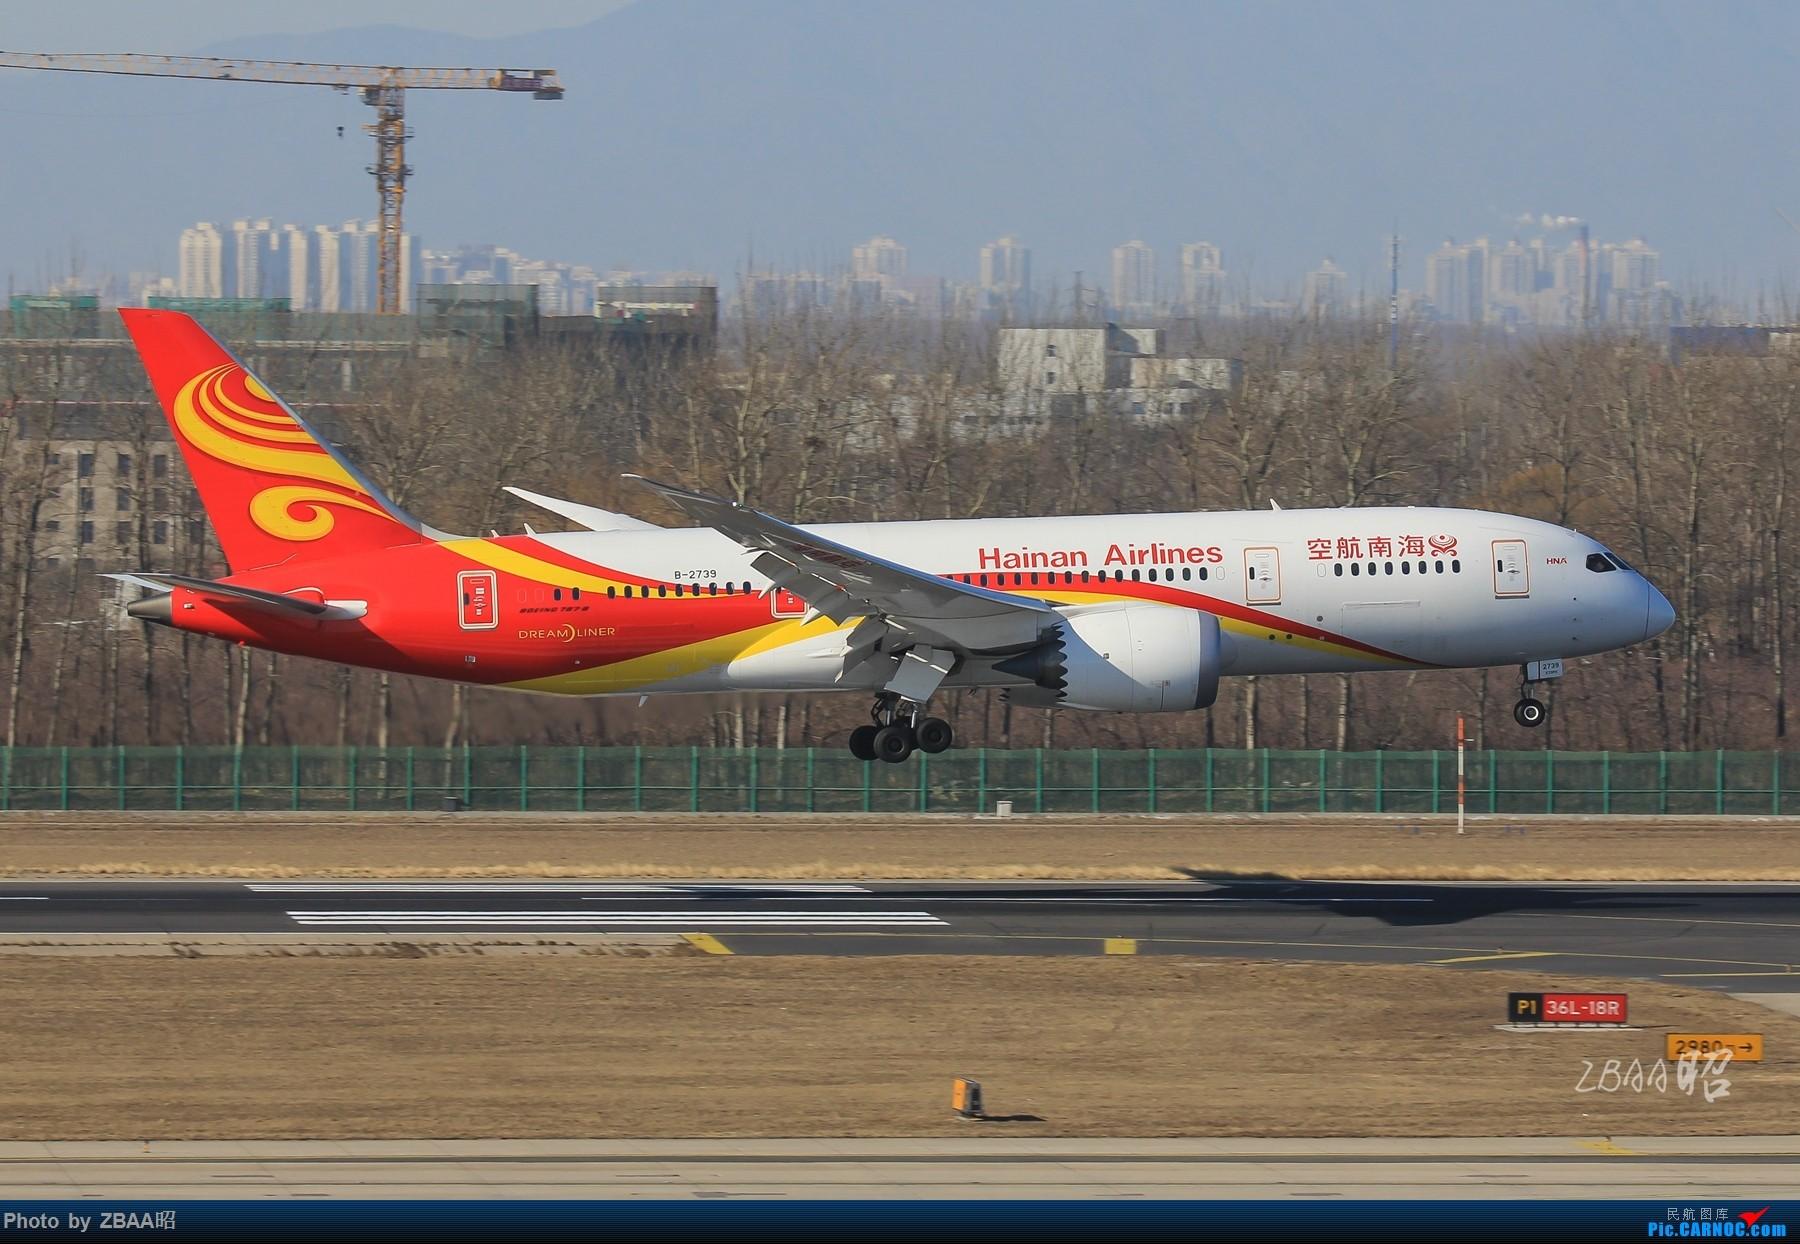 Re:[原创]飞友聚会后的独自疯狂,格林豪泰隔天怒打ZBAA 36L跑道,夜拍海航宽体机,寒风中坚守楼顶阵地 BOEING 787-8 B-2739 中国北京首都国际机场